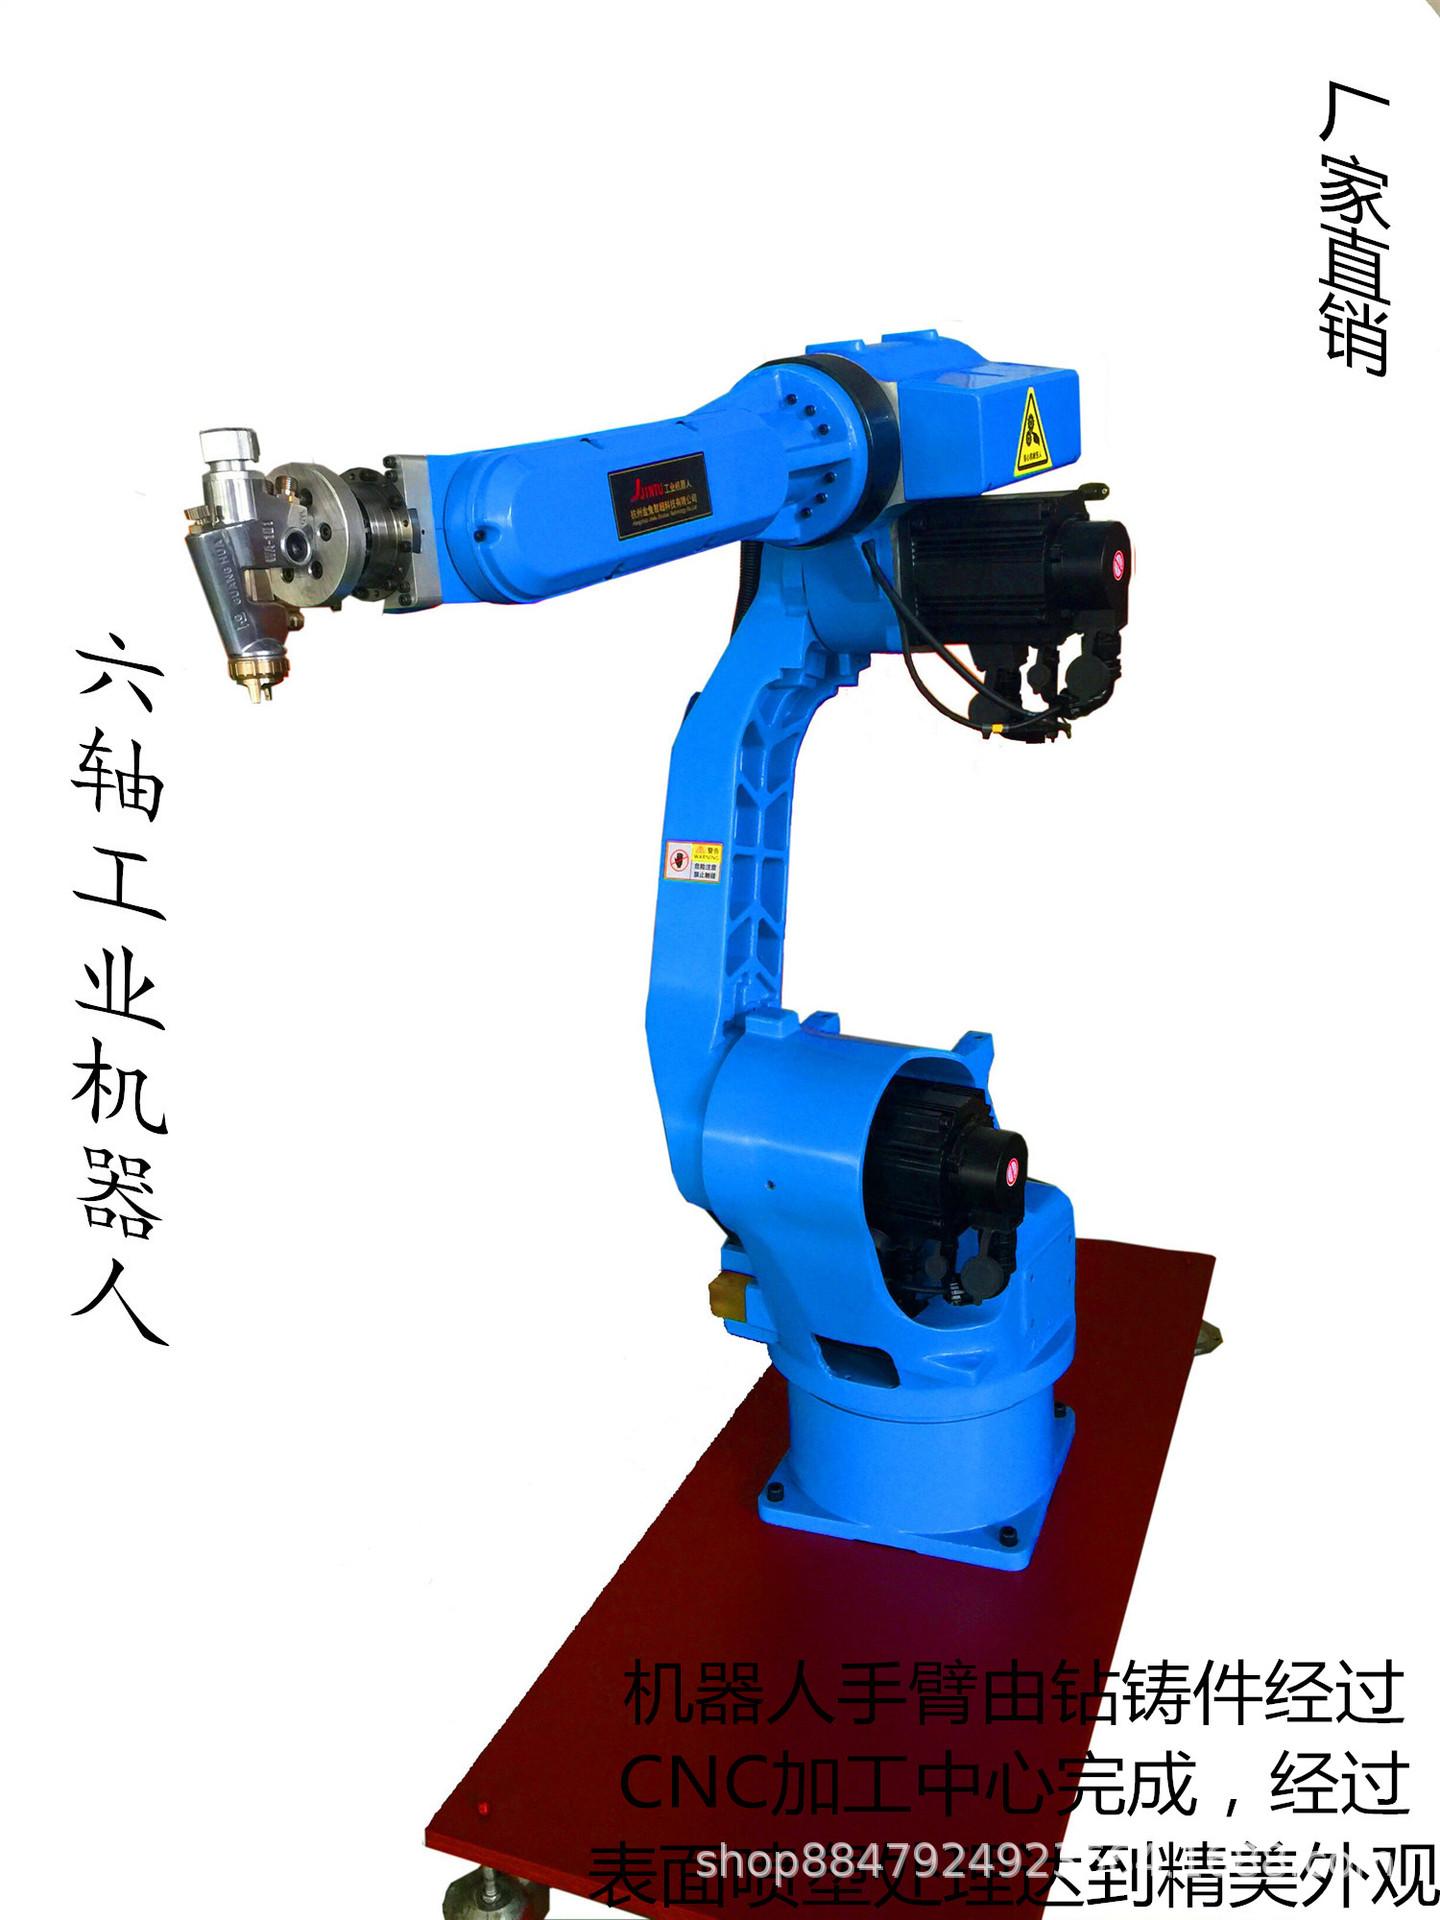 六軸機器人 沖壓機械手 自動化機械手臂 五金件機械設備制造 沖壓